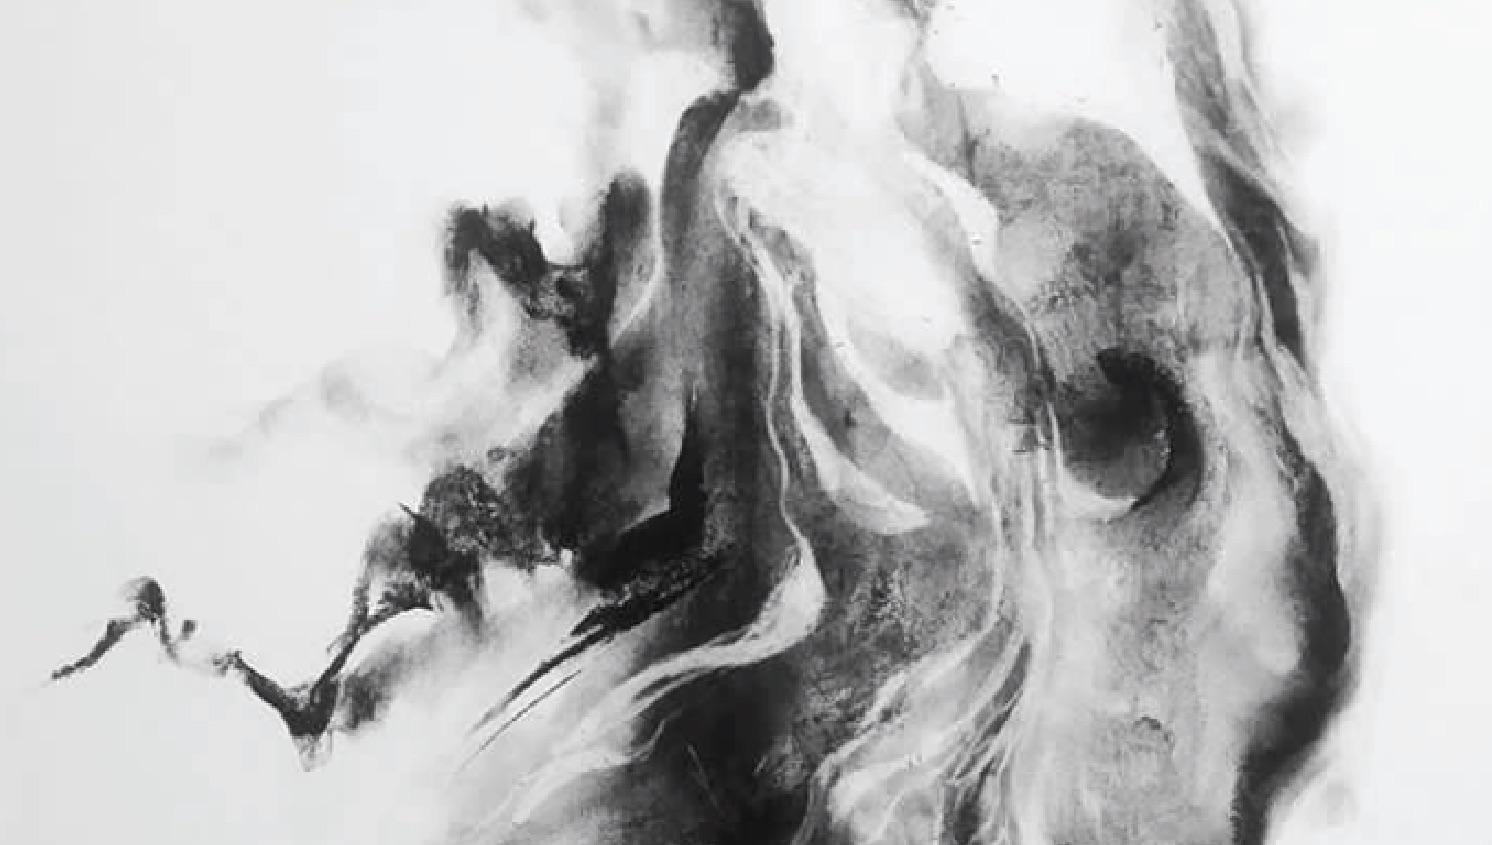 نمایشگاه کاتارسیس | بهاره شورگشتی